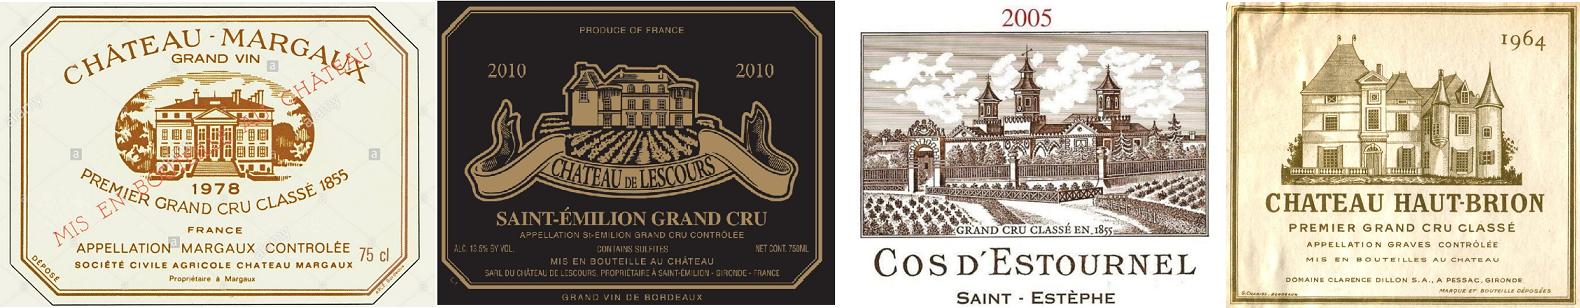 Grand Cru - Labels from Château Margaux, Château de Lescours, Cos s'Estournel, Château Haut-Brion